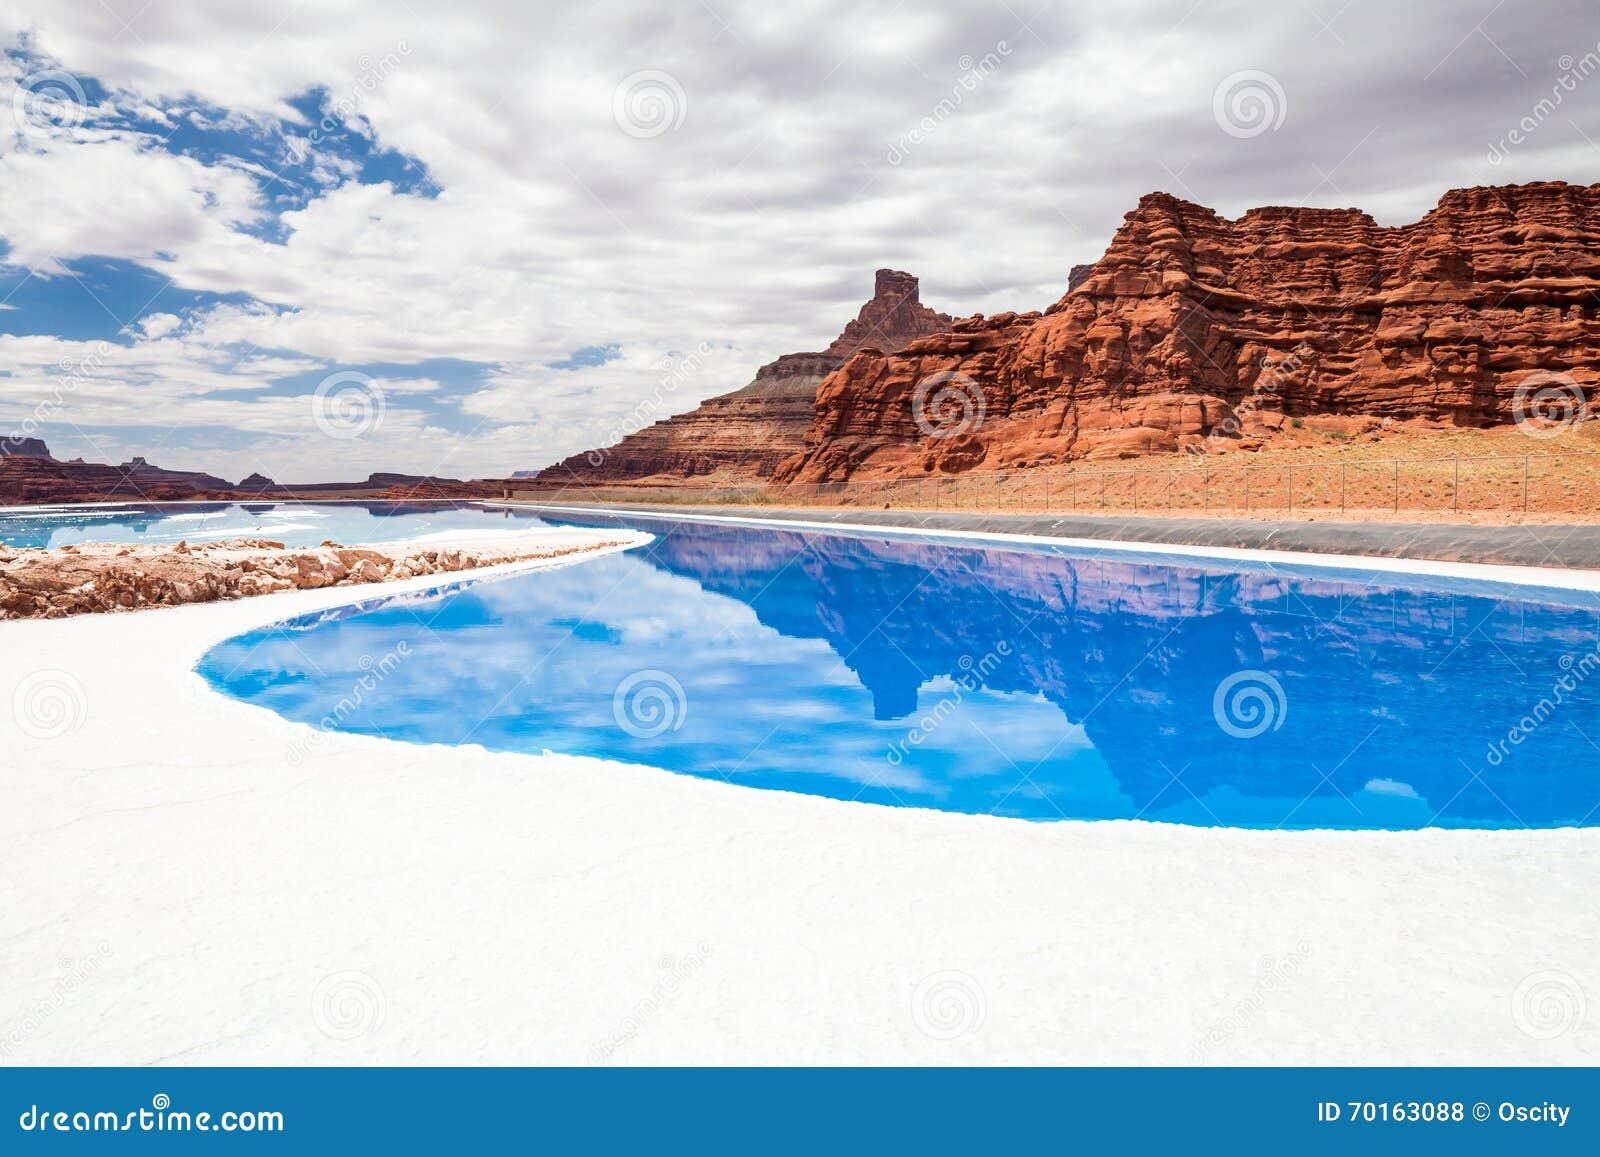 Parque nacional de Canyonlands, Utah, los E